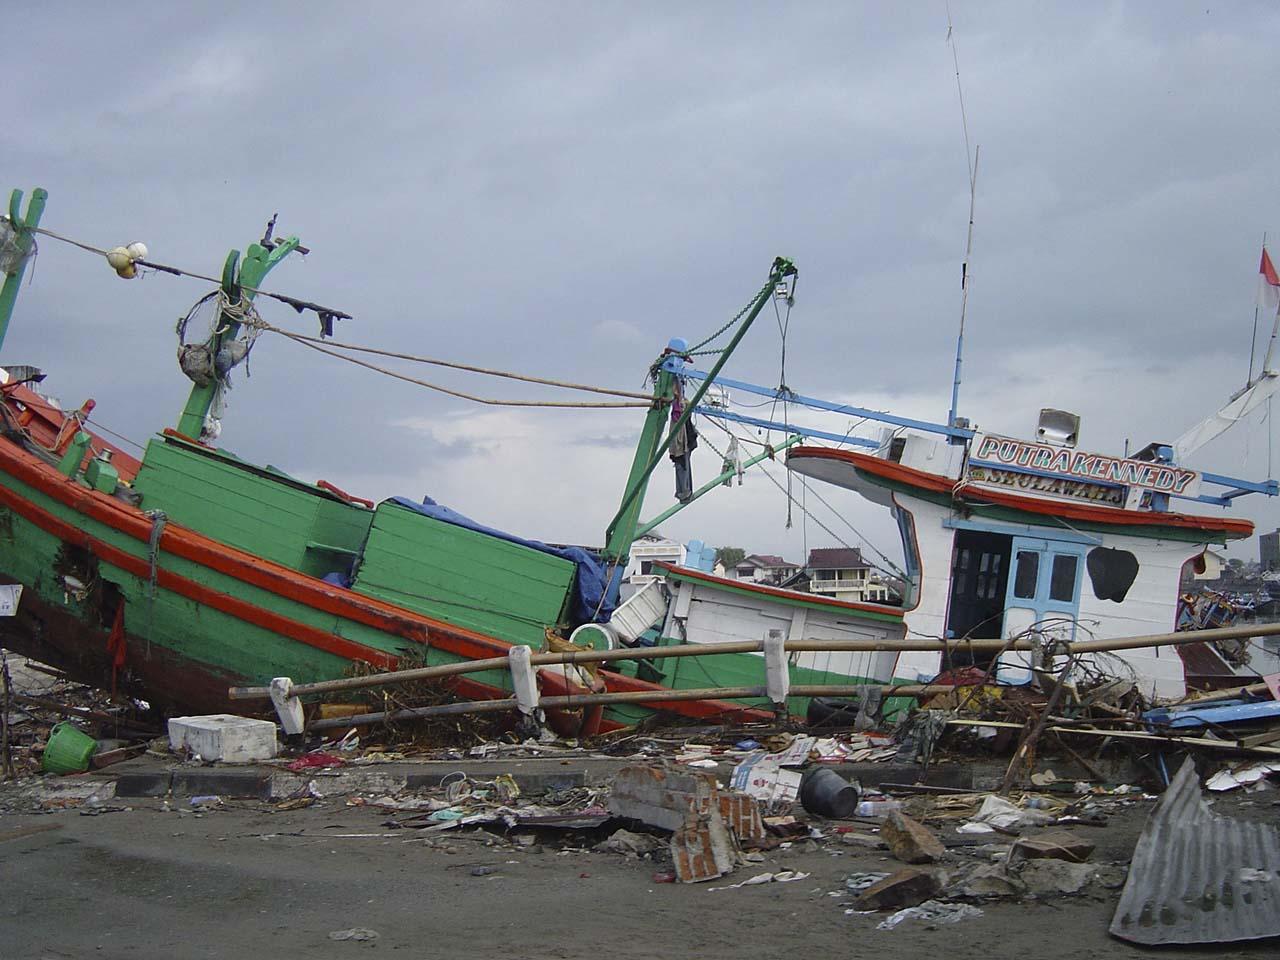 boats washed ashore